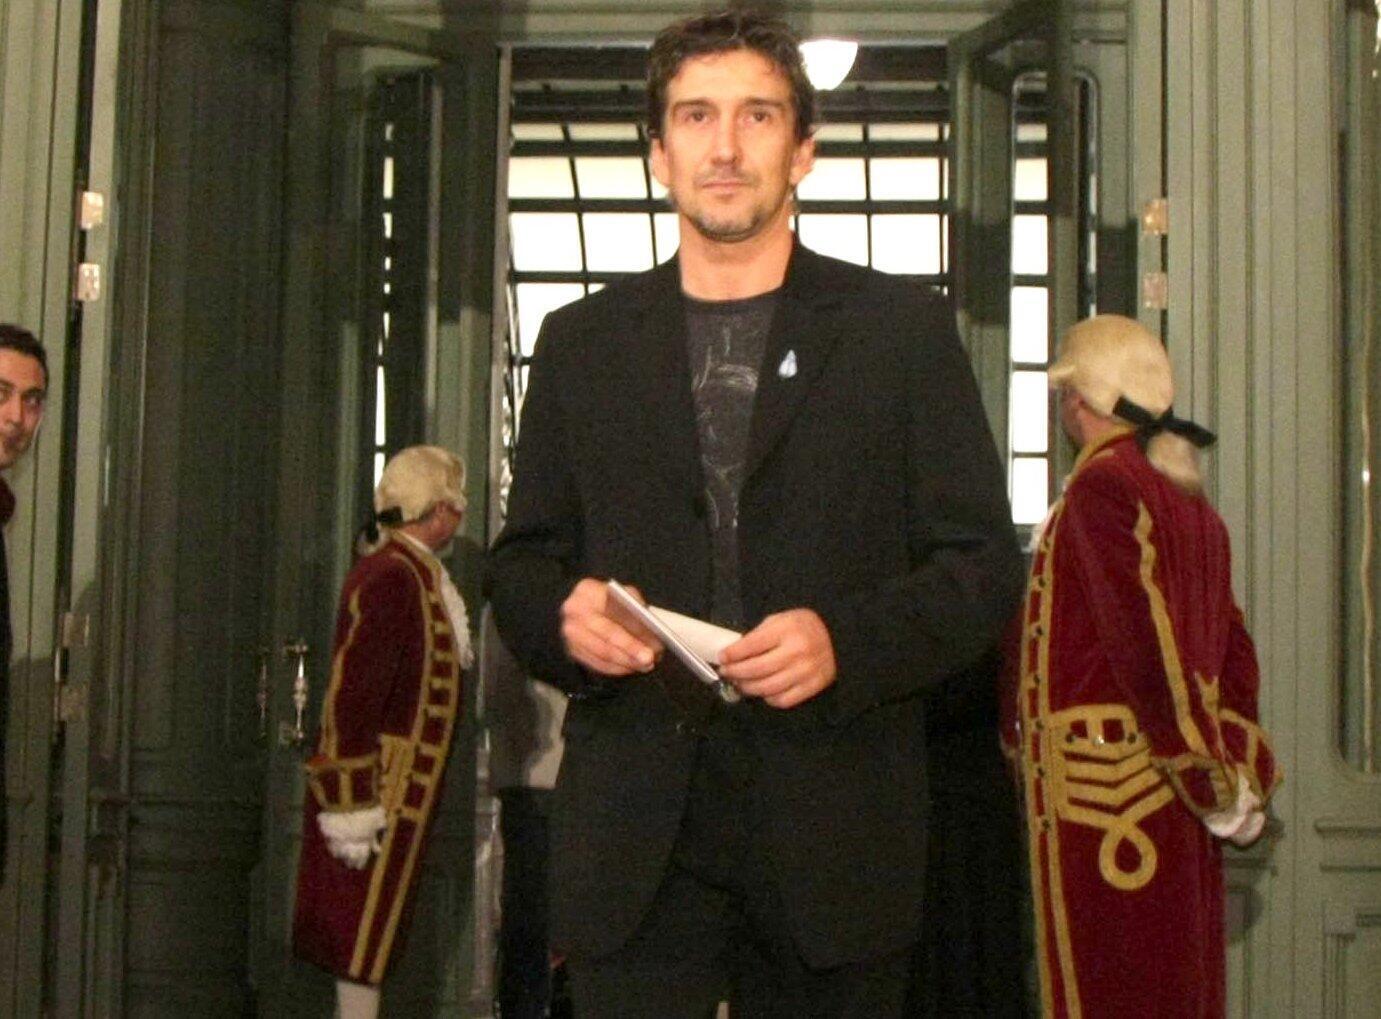 Gala de reapertura del Teatro Colón. Llegada al teatro de Julio Bocca.